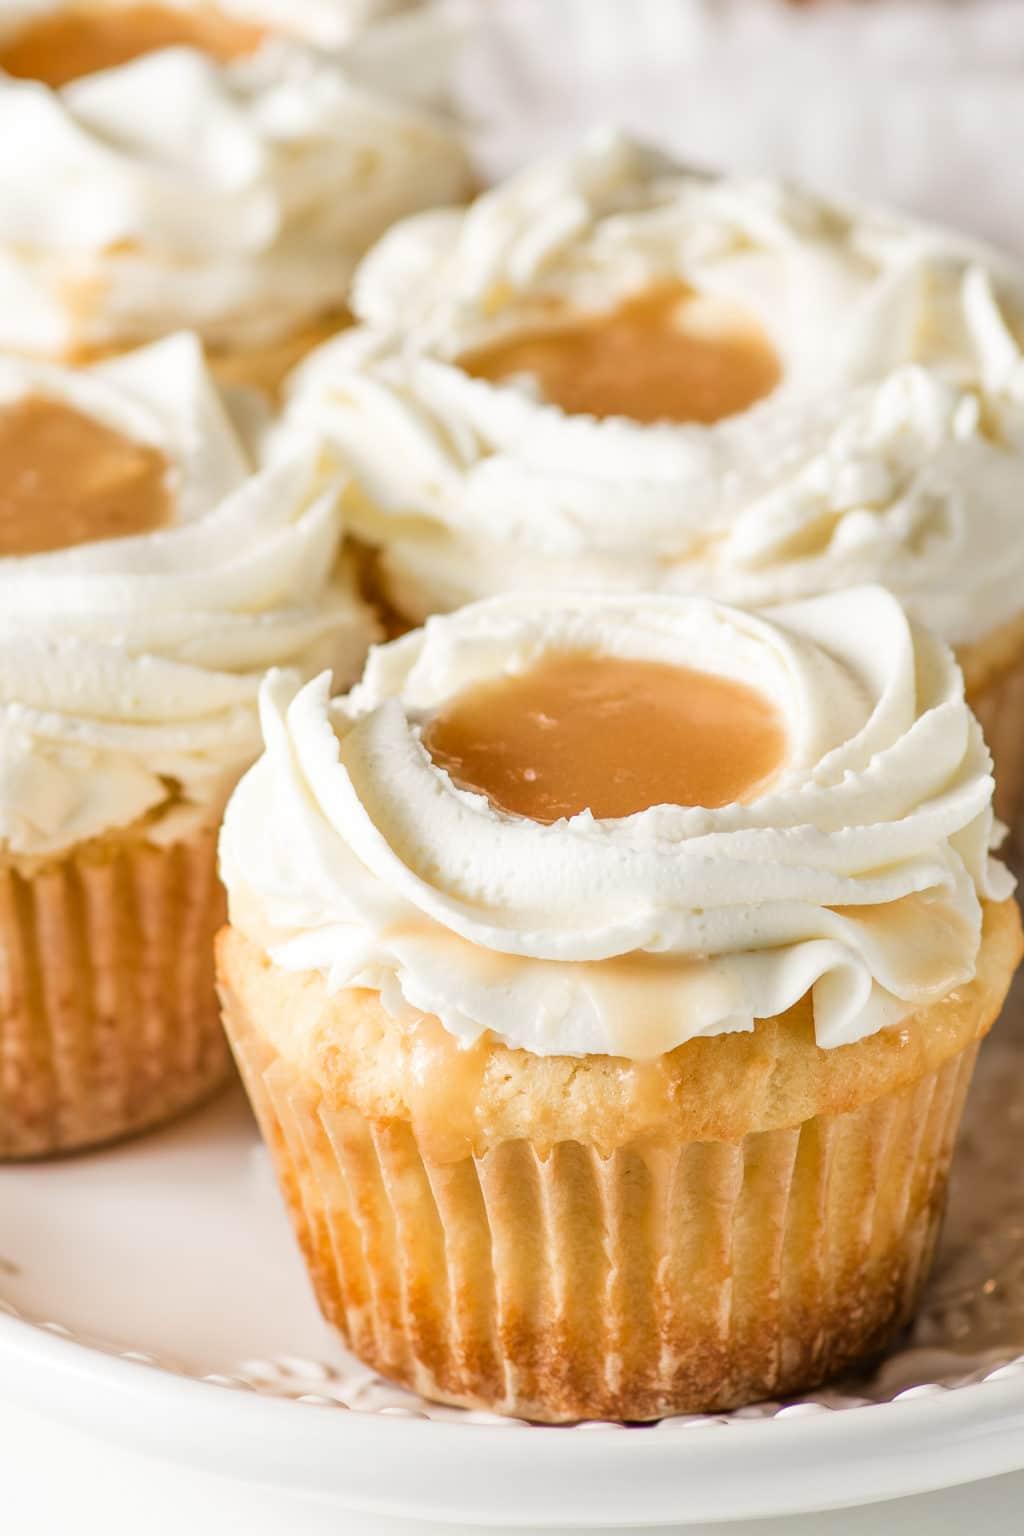 Keto Caramel Cupcake